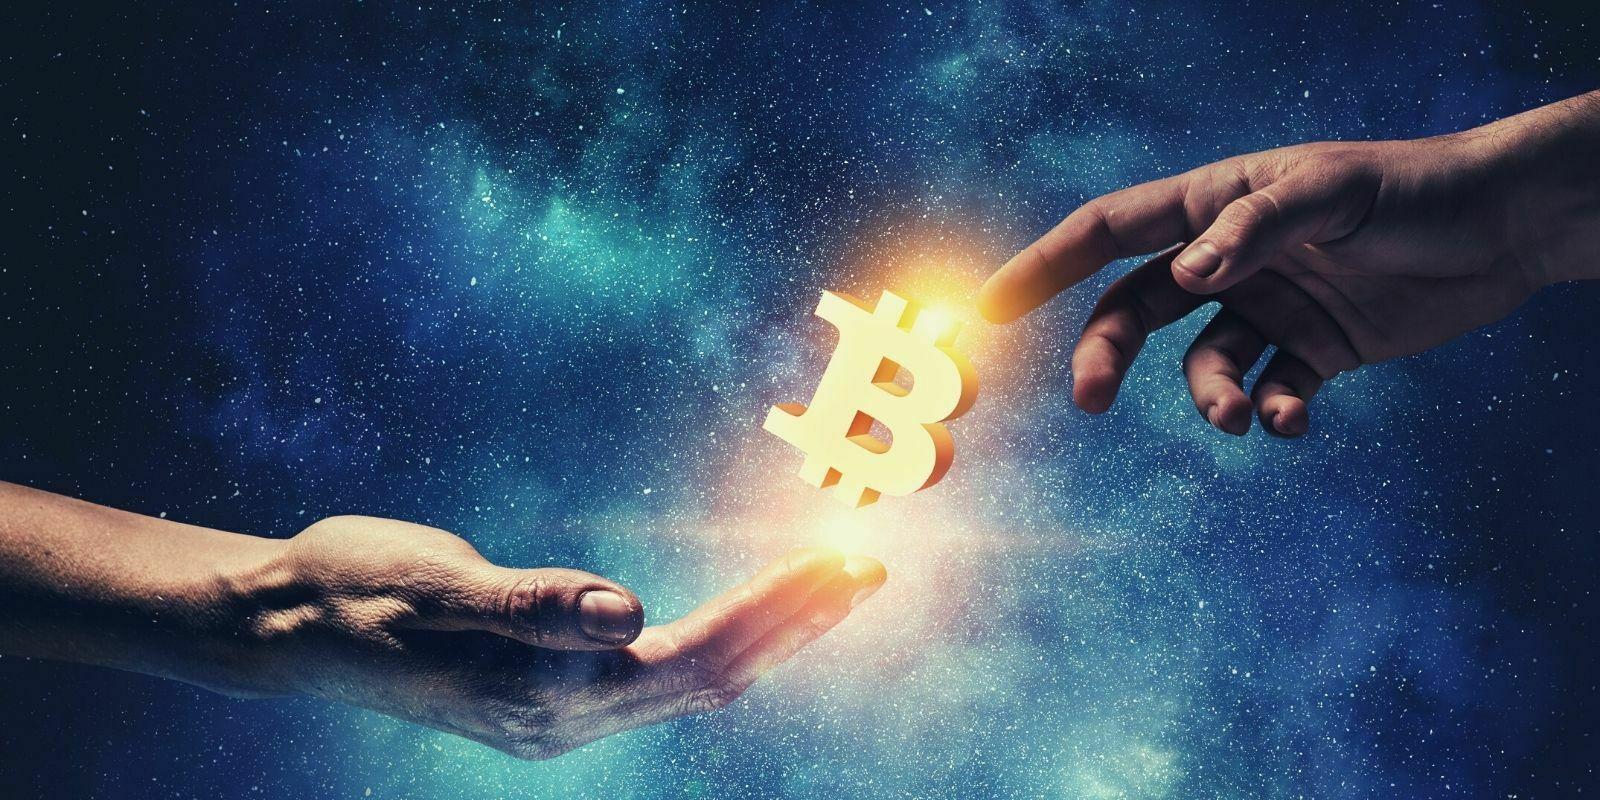 Il y a 12 ans, Hal Finney recevait la première transaction Bitcoin (BTC)